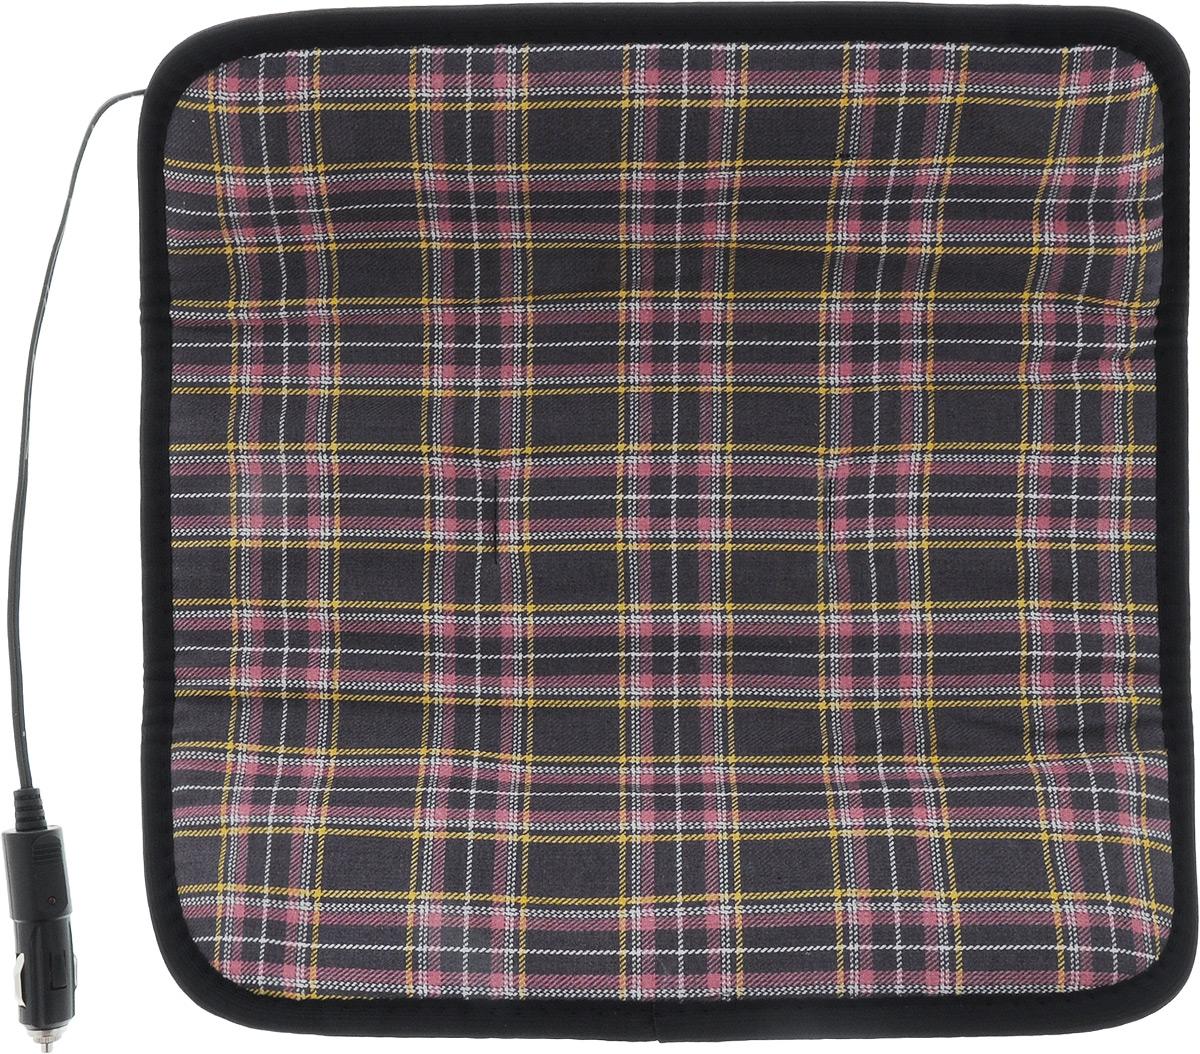 Обогреватель на сиденье Экспедиция Согреться значит выжить, цвет: серый, розовыйSC-FD421005Обогреватель на сиденье Экспедиция Согреться значит выжить, цвет: серый, розовый